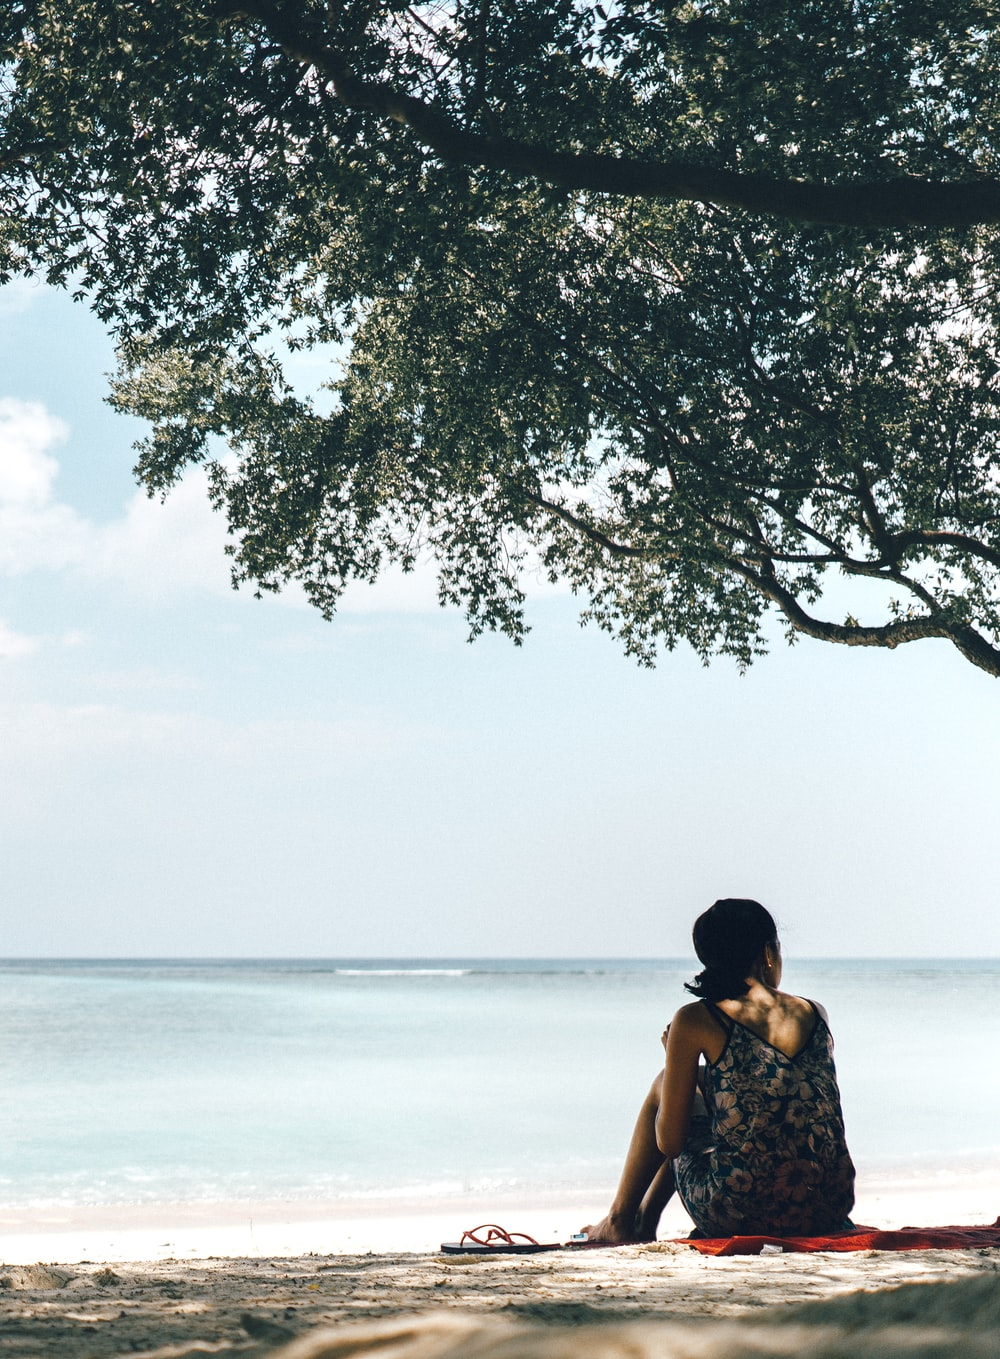 woman beside tree